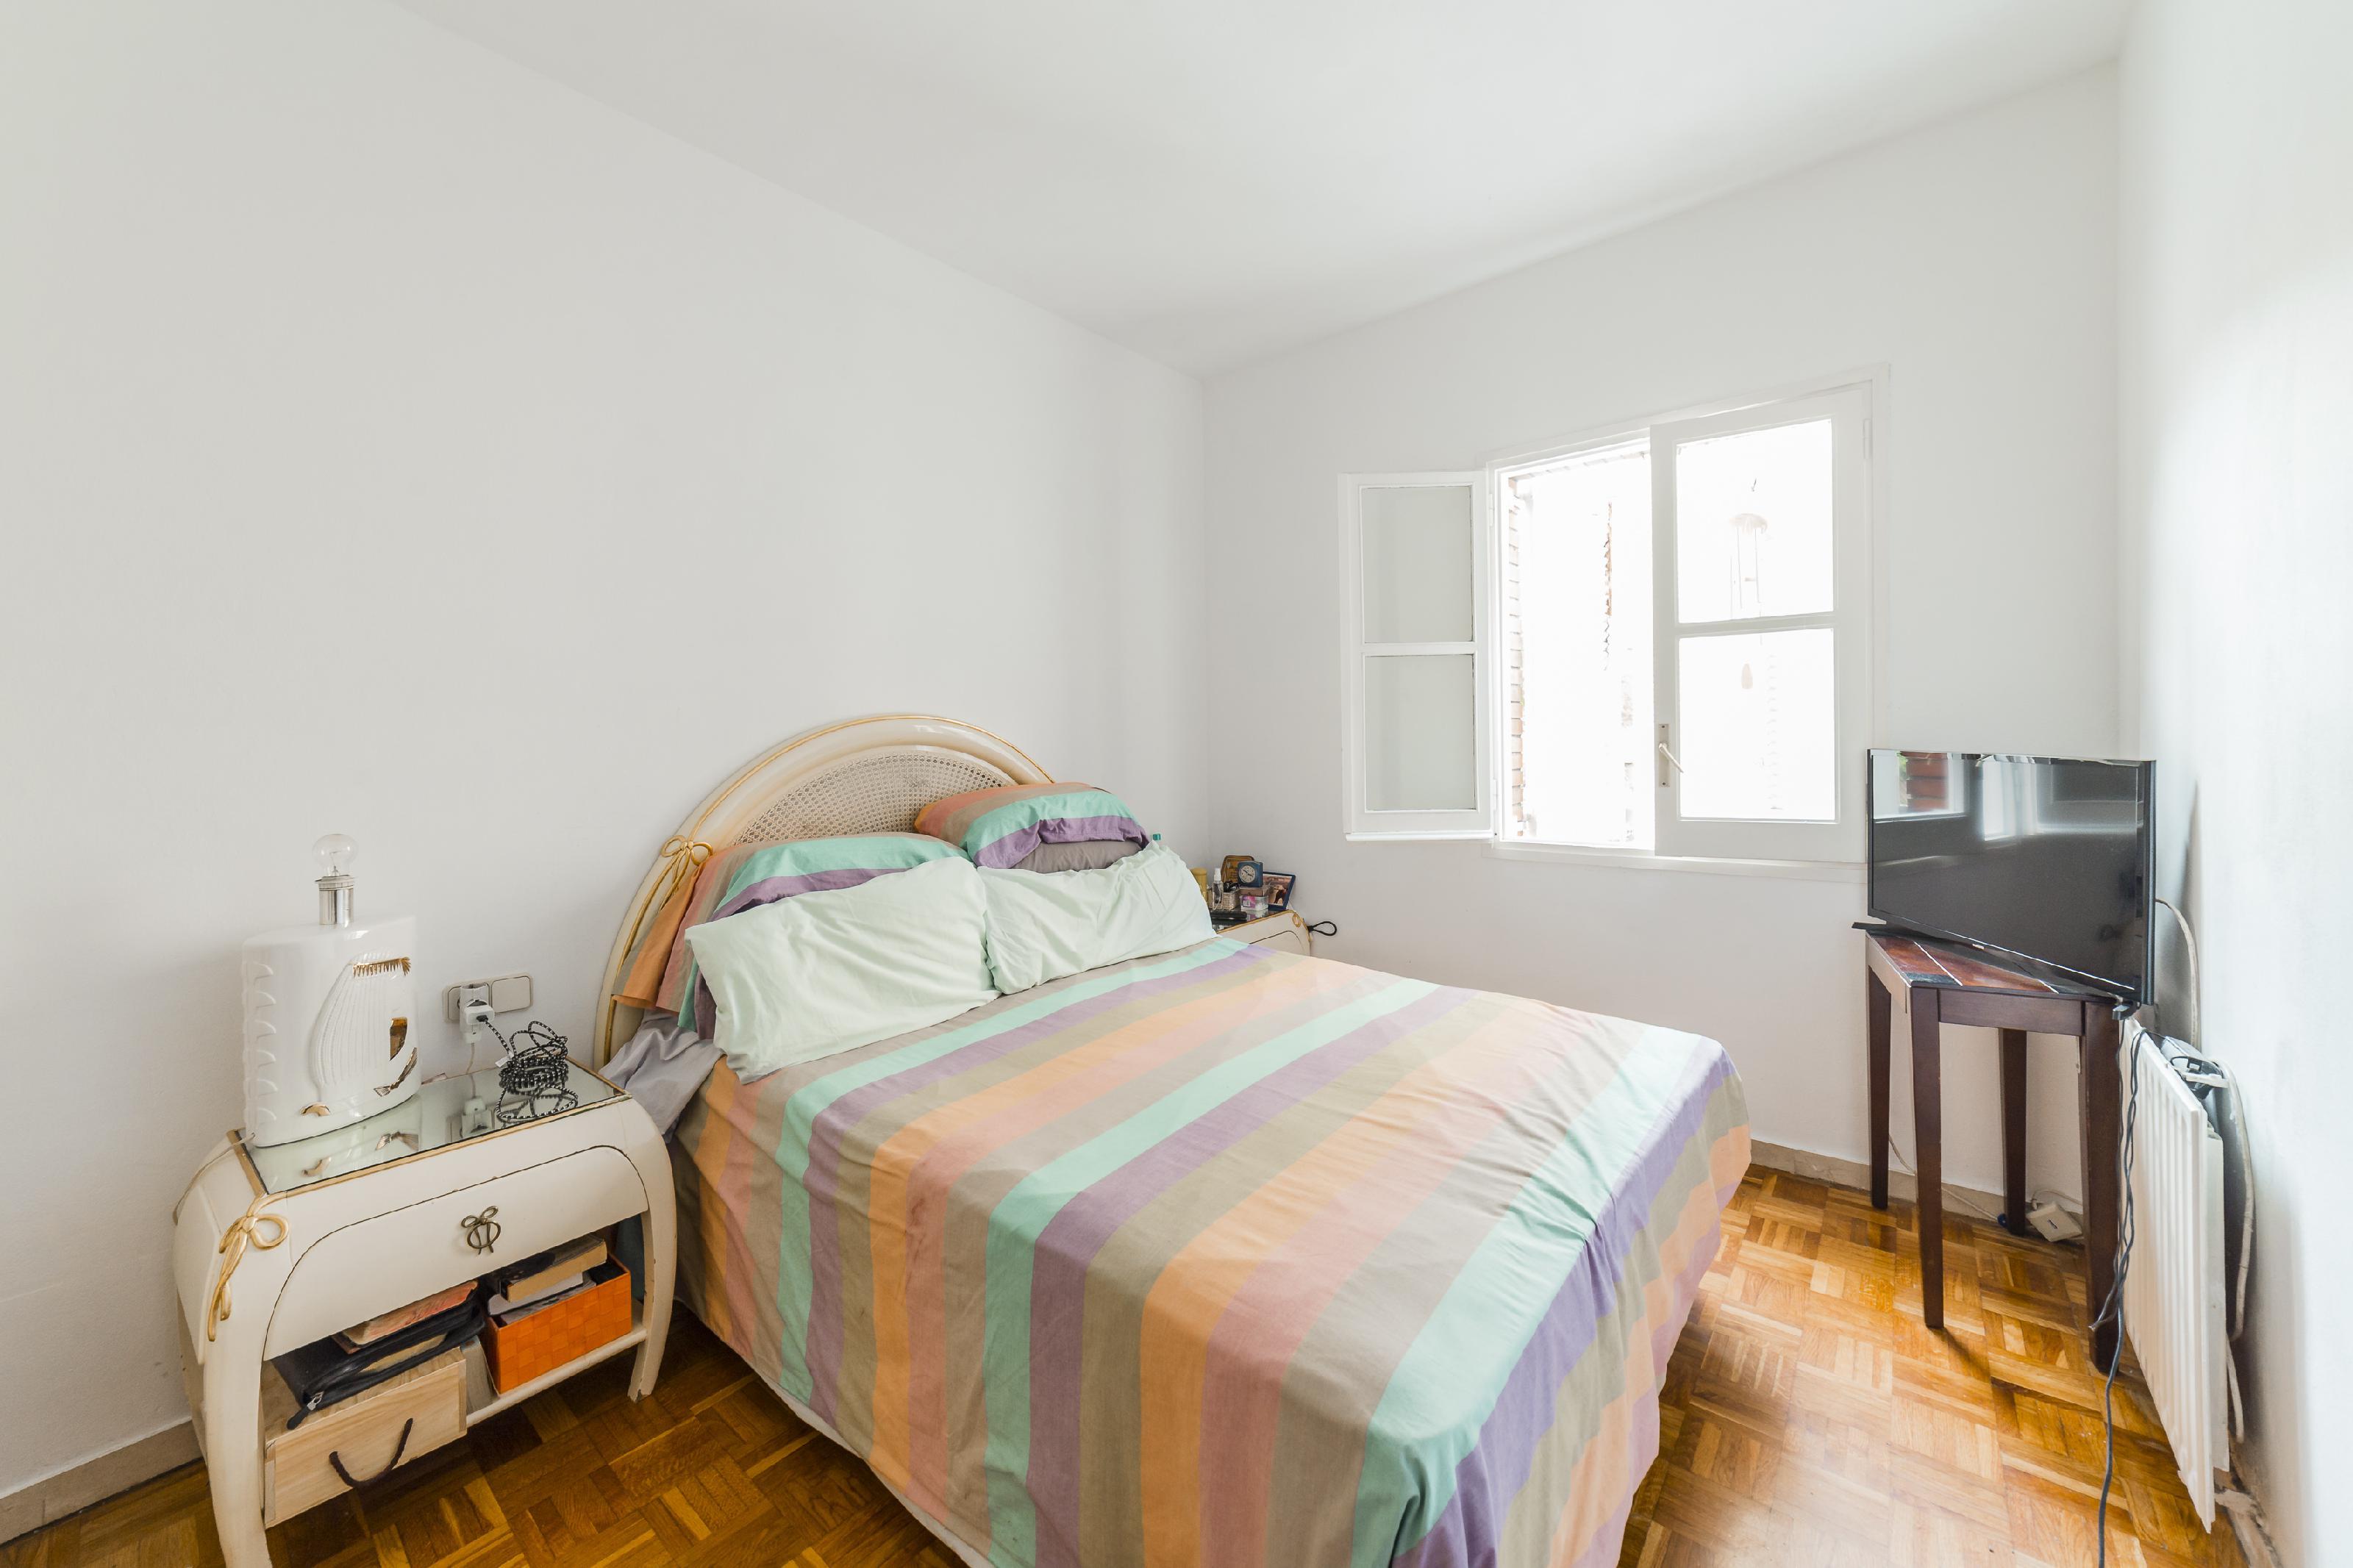 172964 Casa Pareada en venda en Gràcia, Vila de Gràcia 18